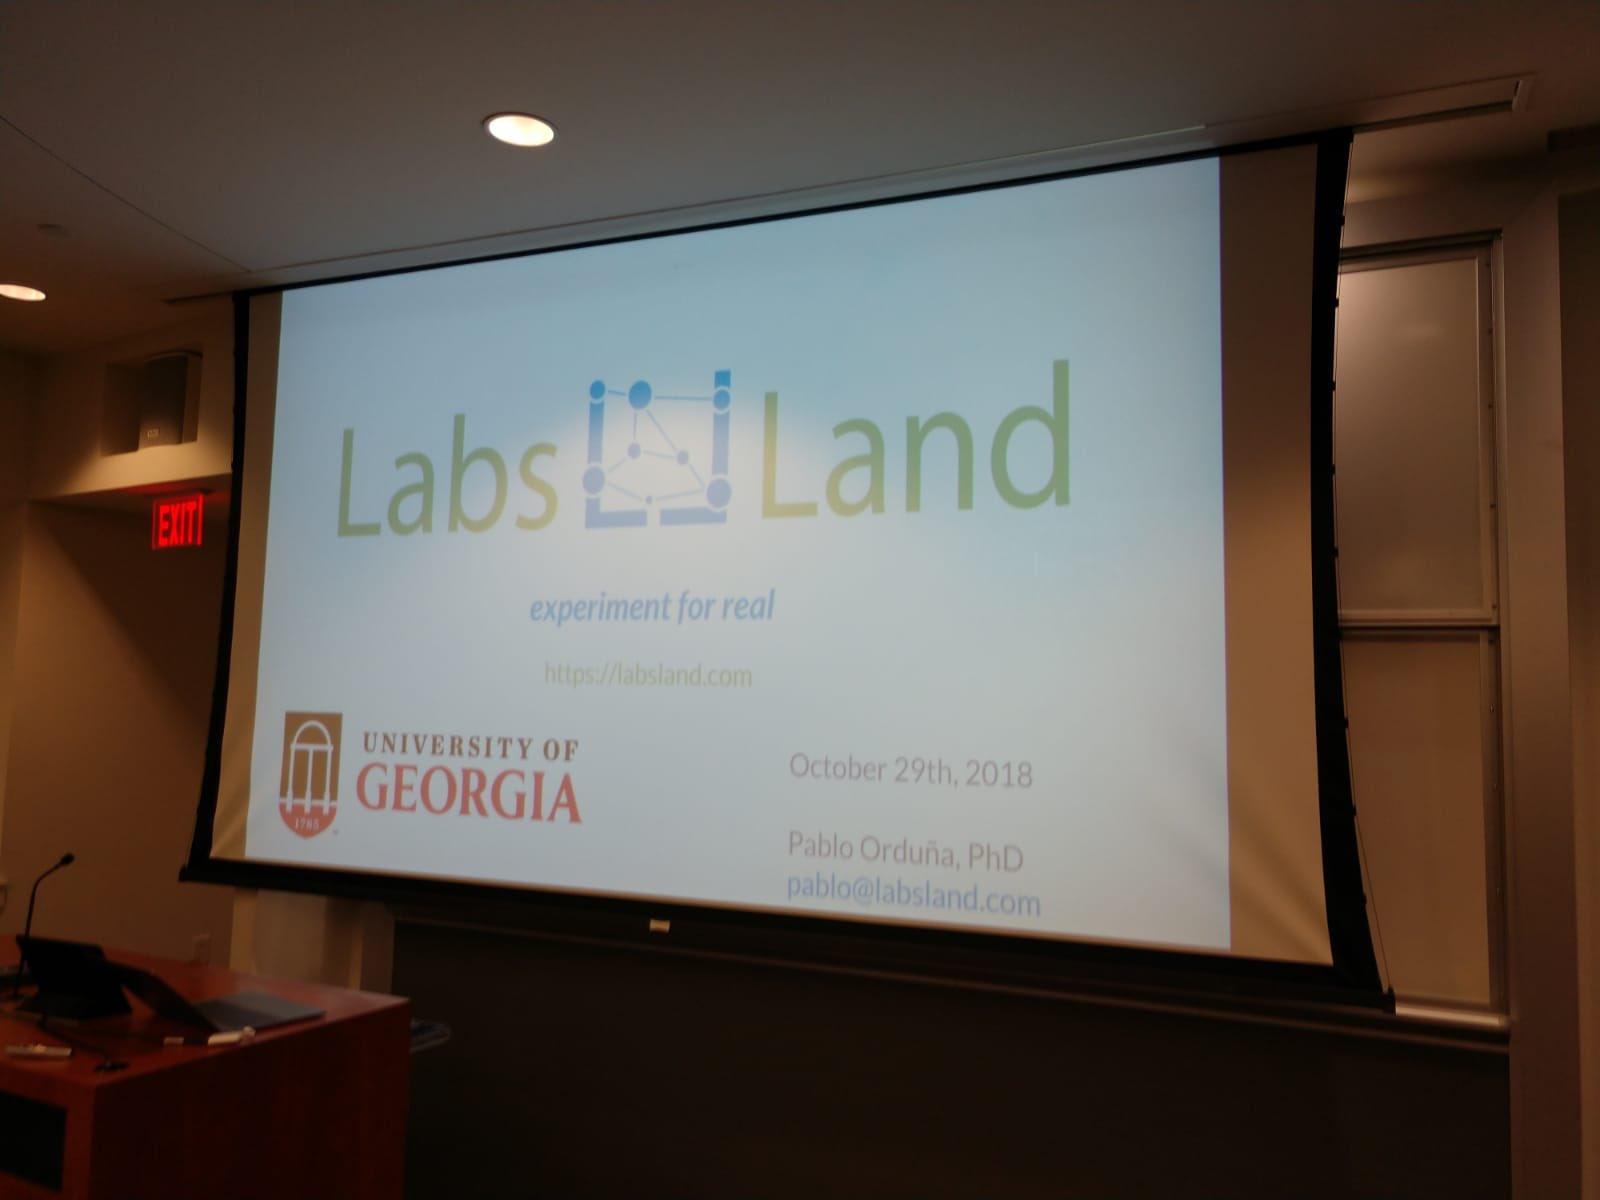 LabsLand talk at UGA